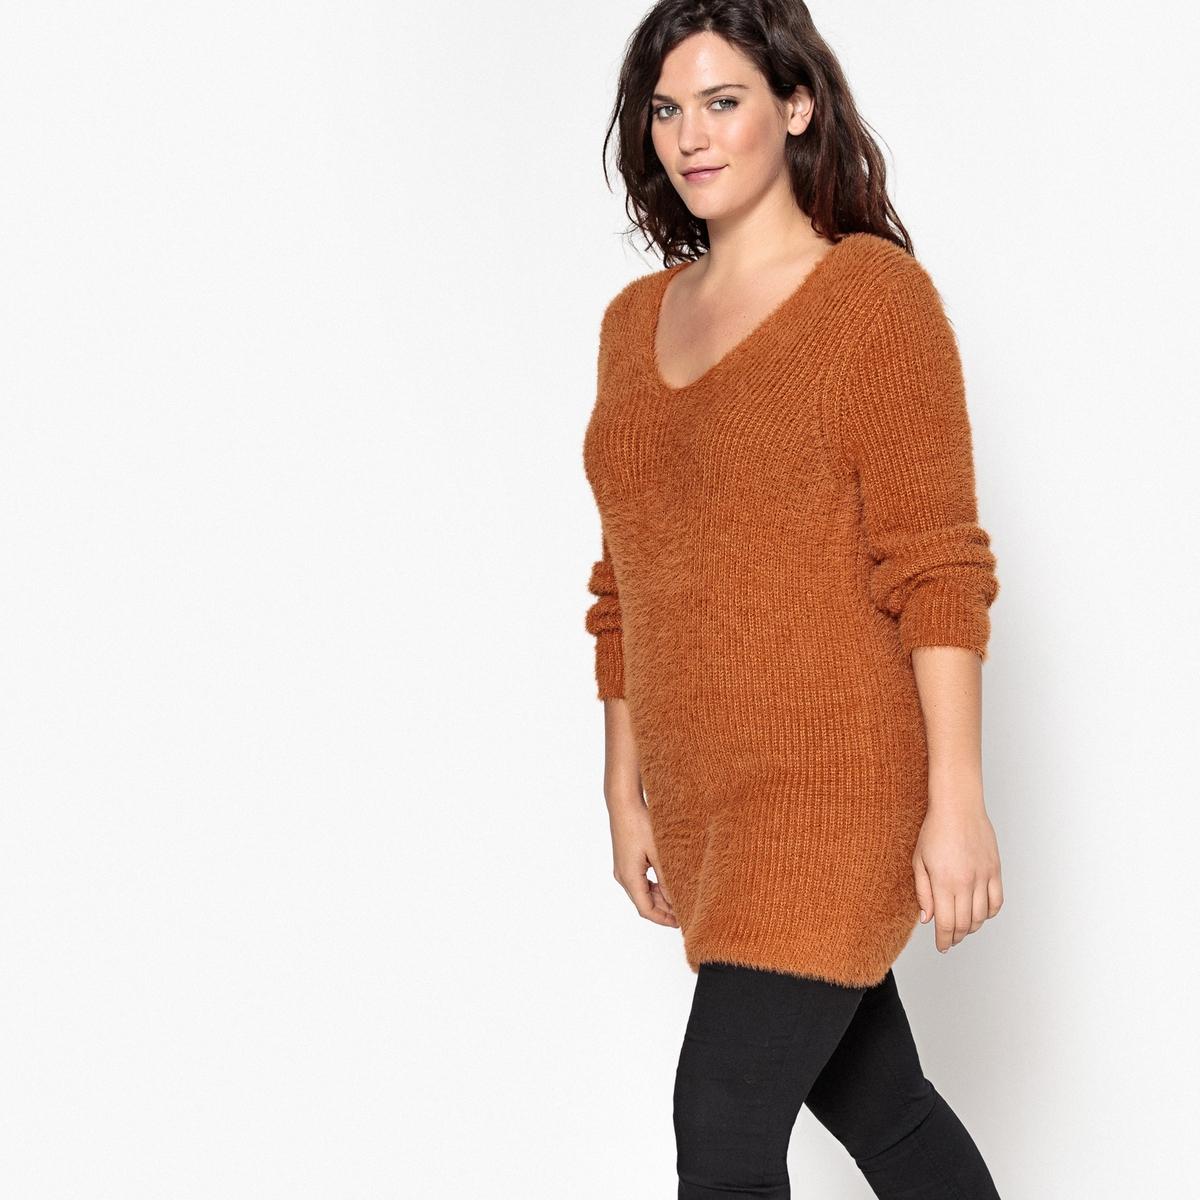 Пуловер длинный из плотного трикотажа с V-образным вырезомДлинный пуловер с V-образным вырезом из очень мягкого ворсистого трикотажа. Длинный пуловер с V-образным вырезом отлично смотрится с леггинсами или брюками-слим. Детали •  Длинные рукава •   V-образный вырез •  Плотный трикотаж Состав и уход •  30% акрила, 70% полиамида •  Температура стирки 30° на деликатном режиме   •  Сухая чистка и отбеливание запрещены    •  Сушить на горизонтальной поверхности •  Не гладить  Товар из коллекции больших размеров<br><br>Цвет: коричнево-желтый<br>Размер: 42/44 (FR) - 48/50 (RUS)